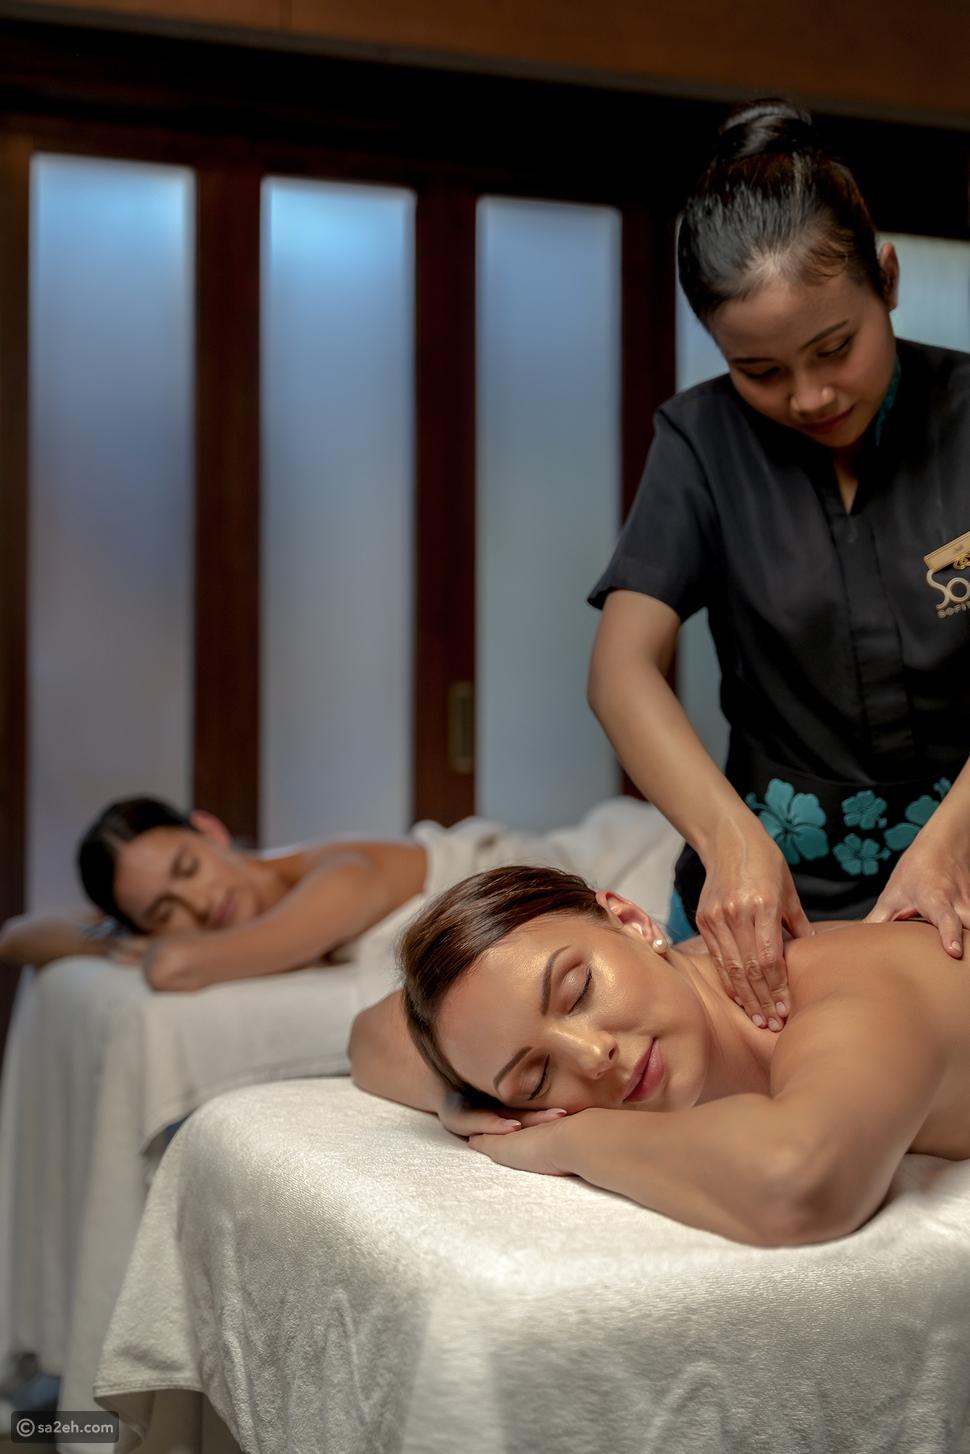 فندق سوفيتيل دبي النخلة يحتفي بالمرأة في مارس 2021